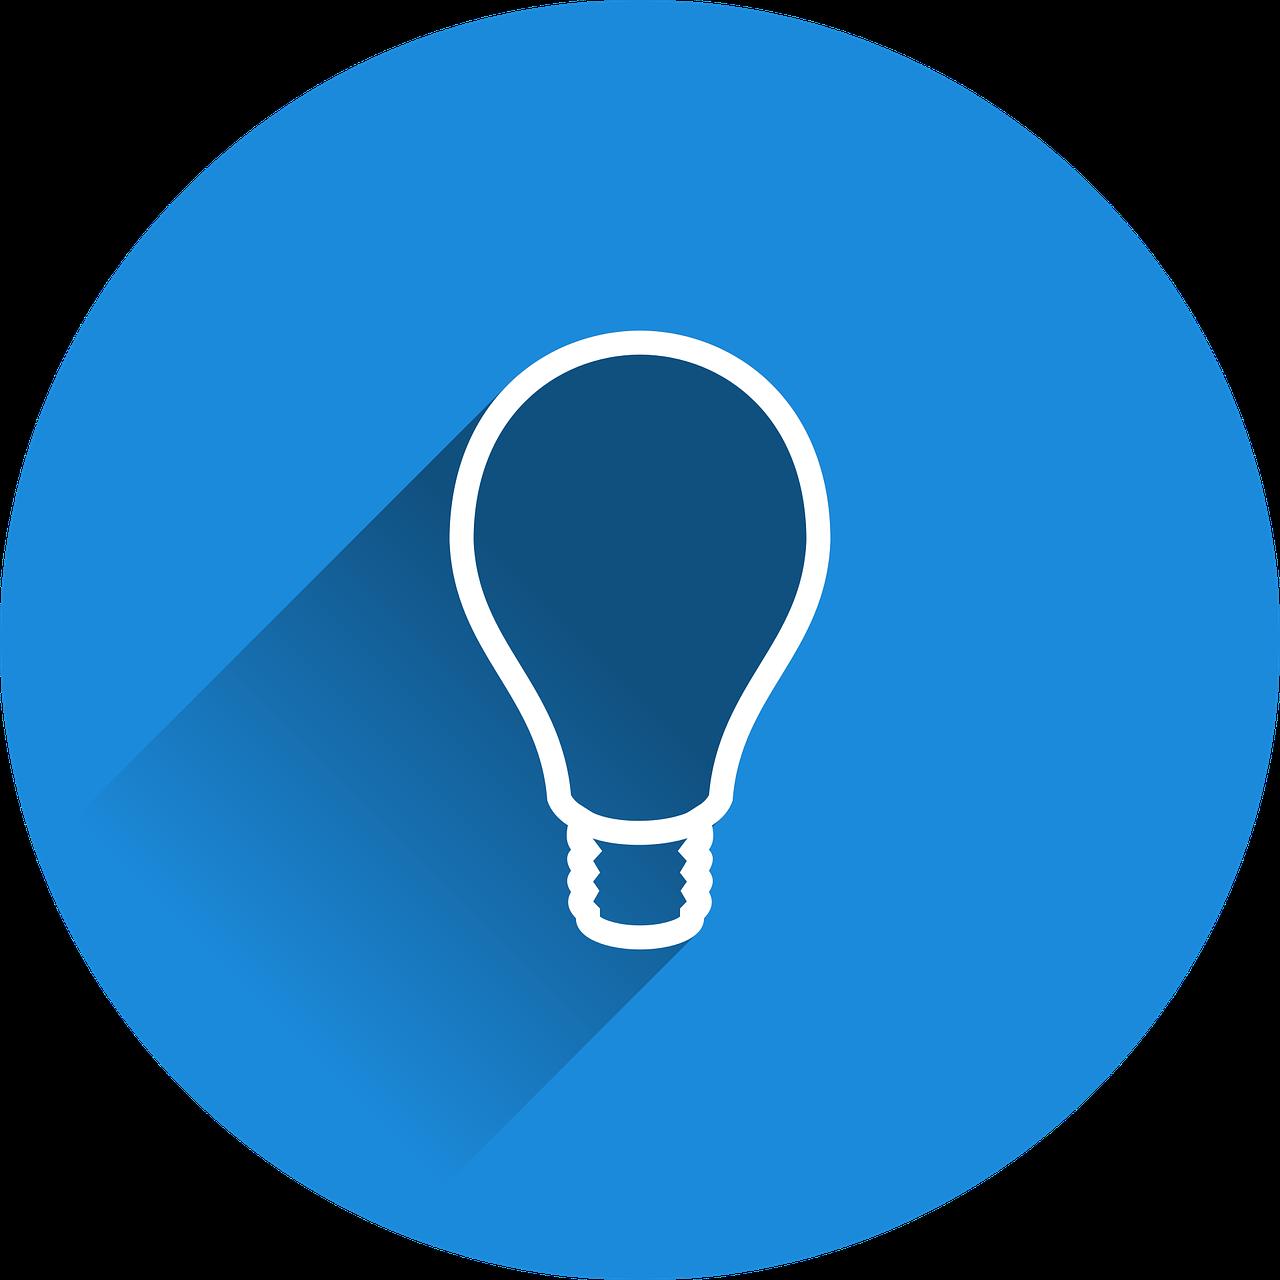 light-bulb-2235770_1280.png